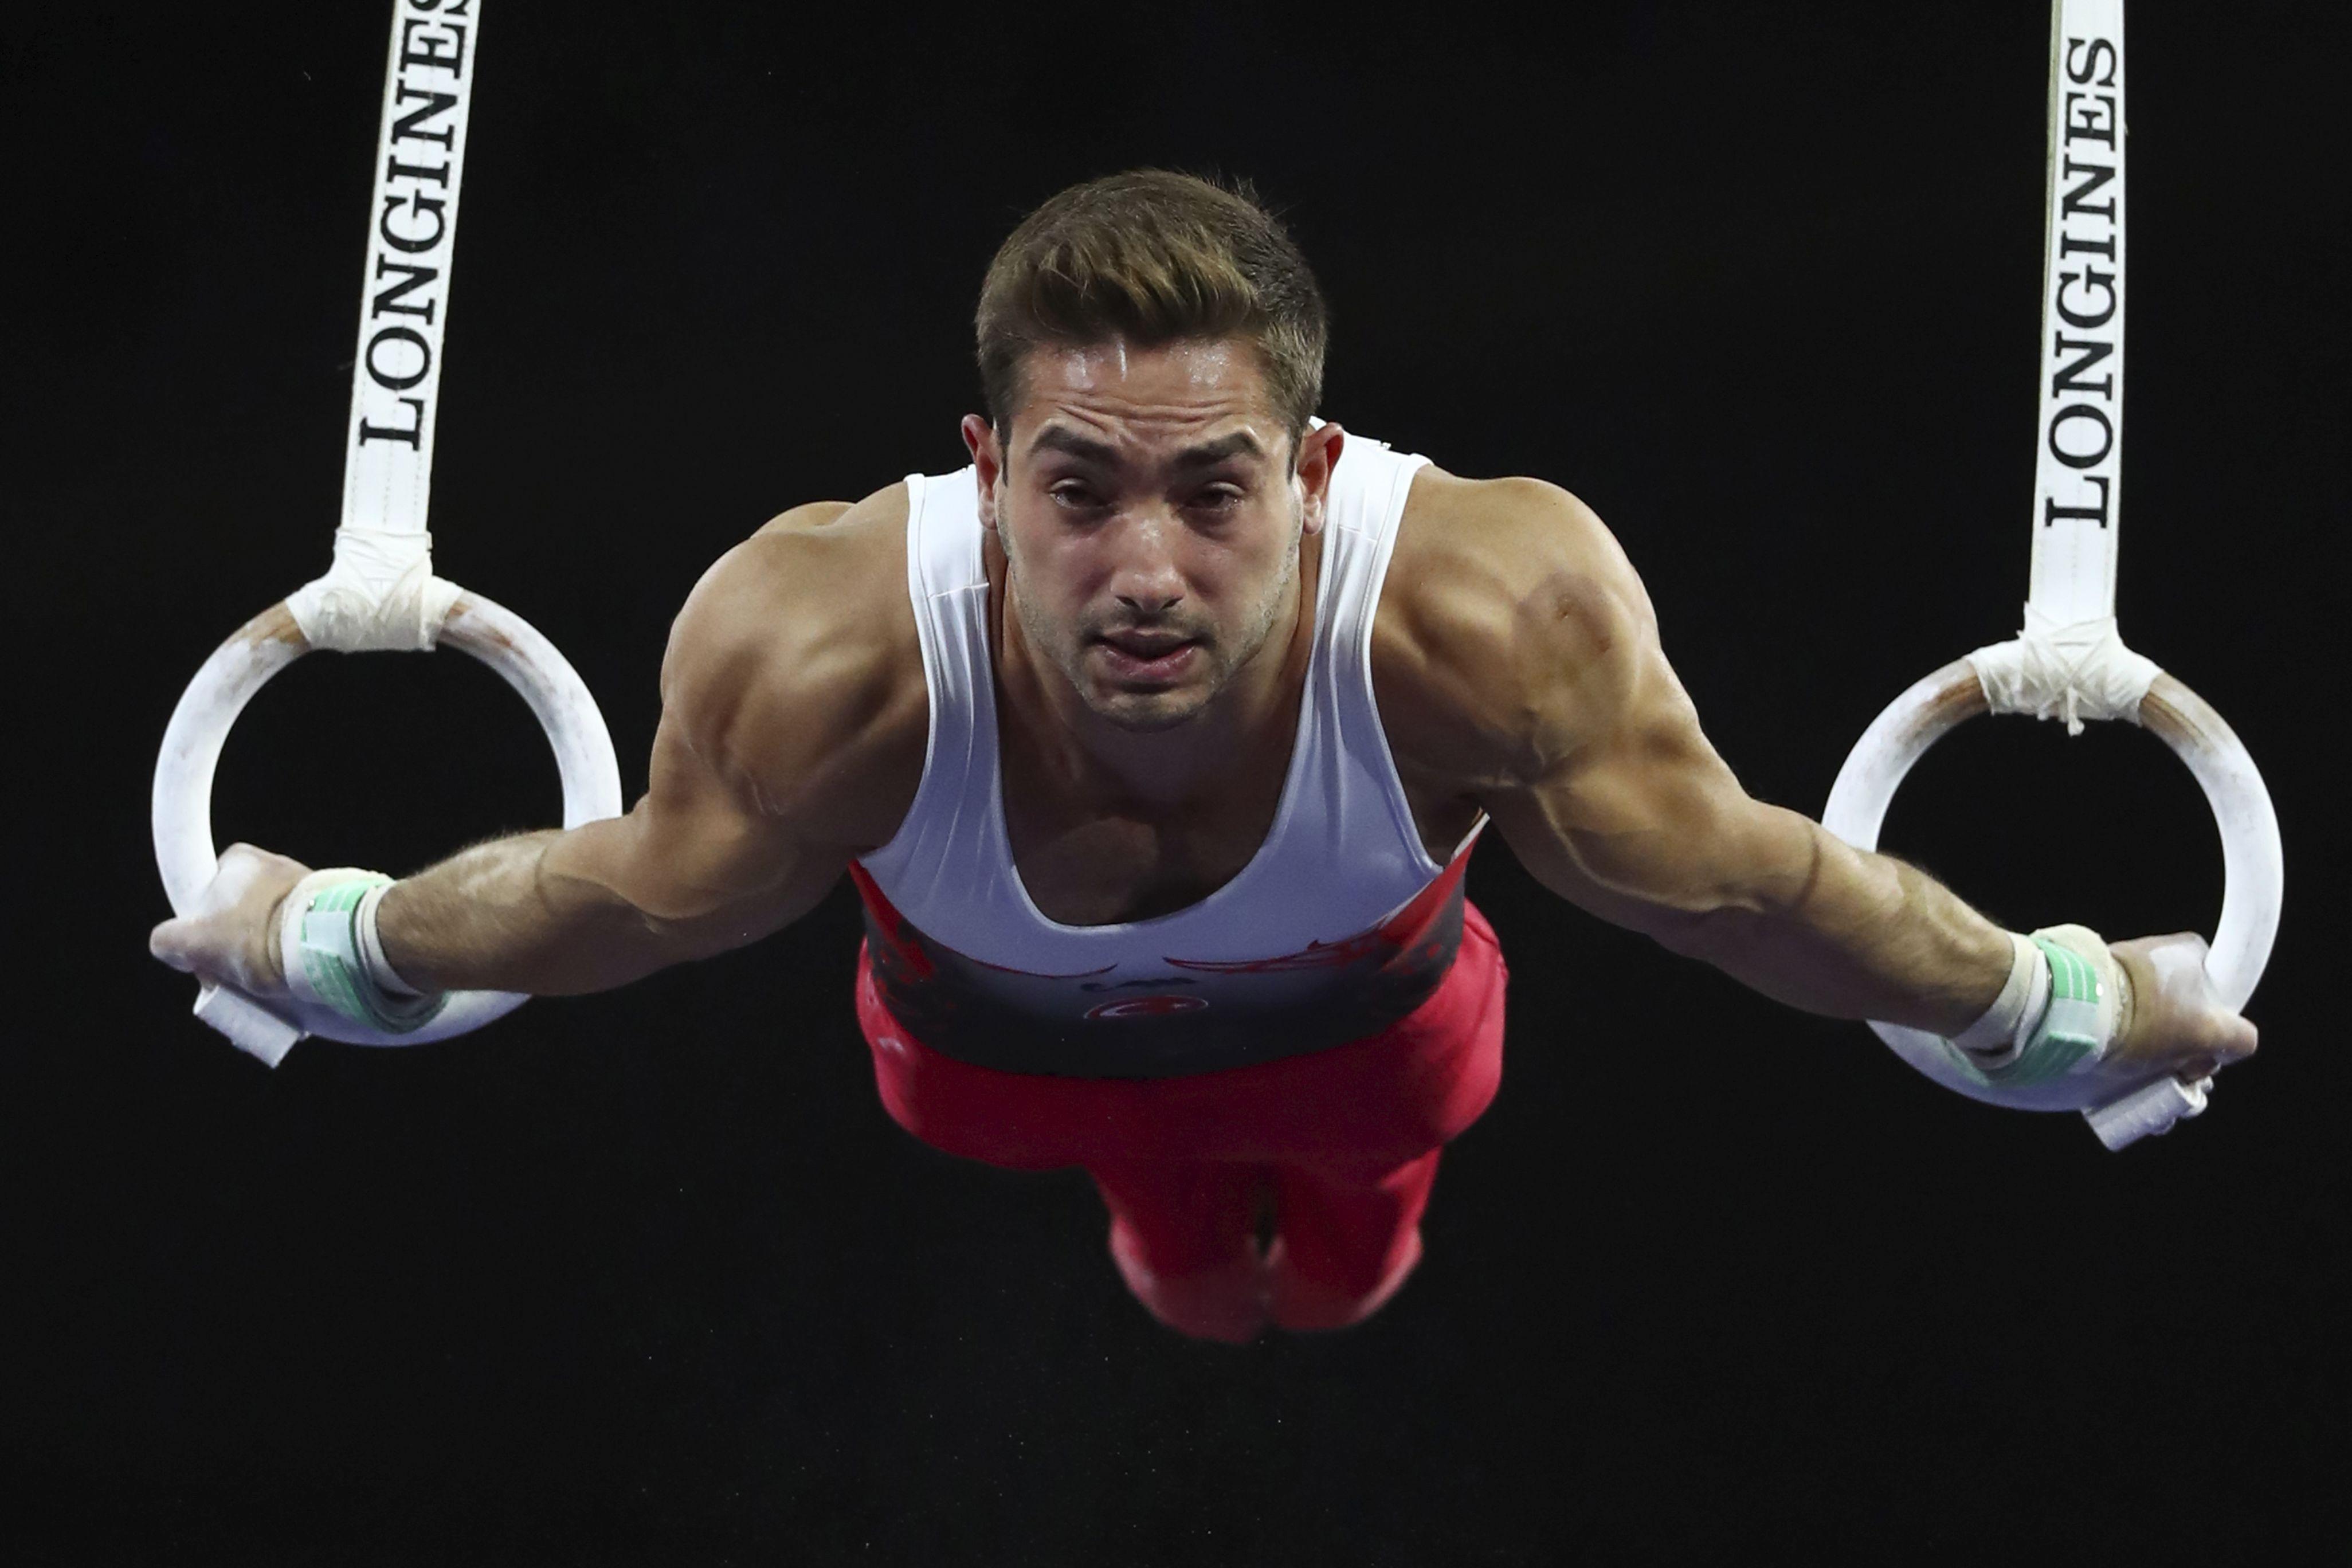 高拉克在吊環替土耳其首奪世錦賽金牌。AP